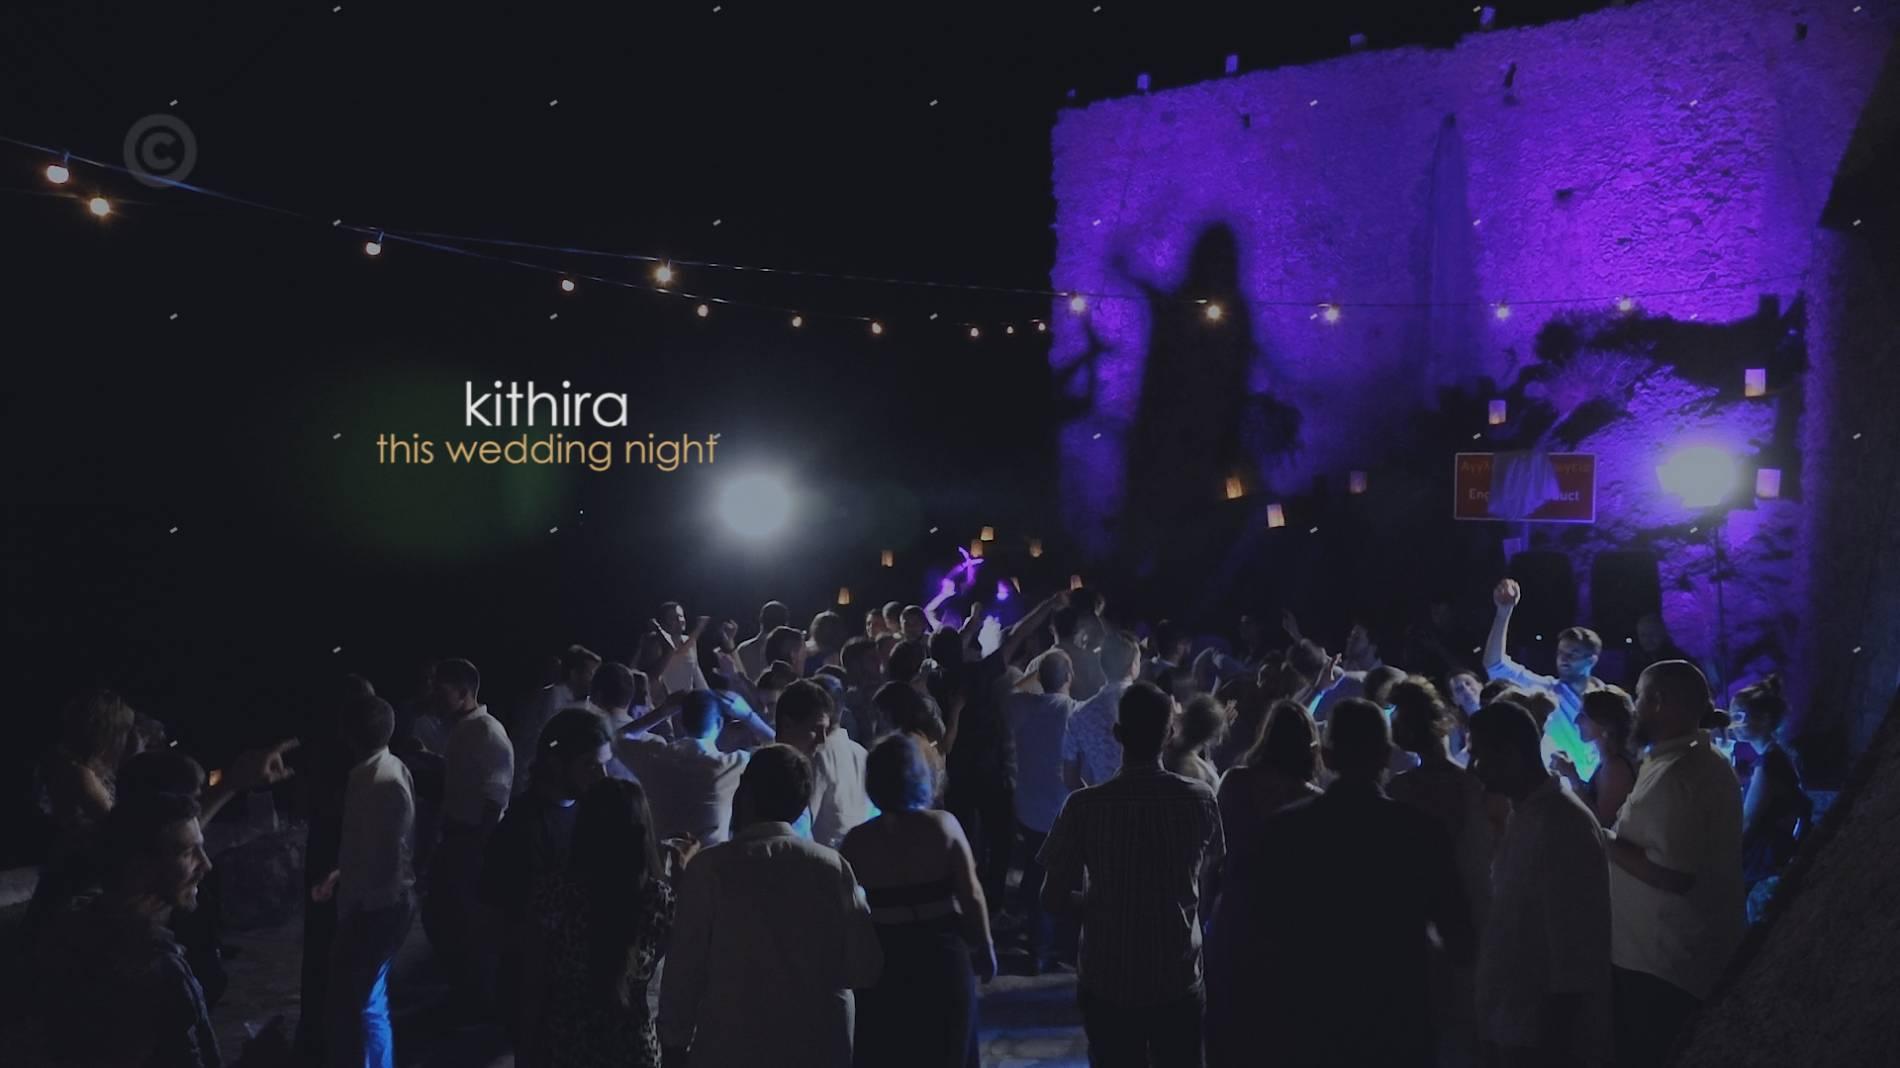 πάρτυ γάμου στα Κύθηρα | Video of an amazing wedding party in Kythira, in kapsali aquadeck!